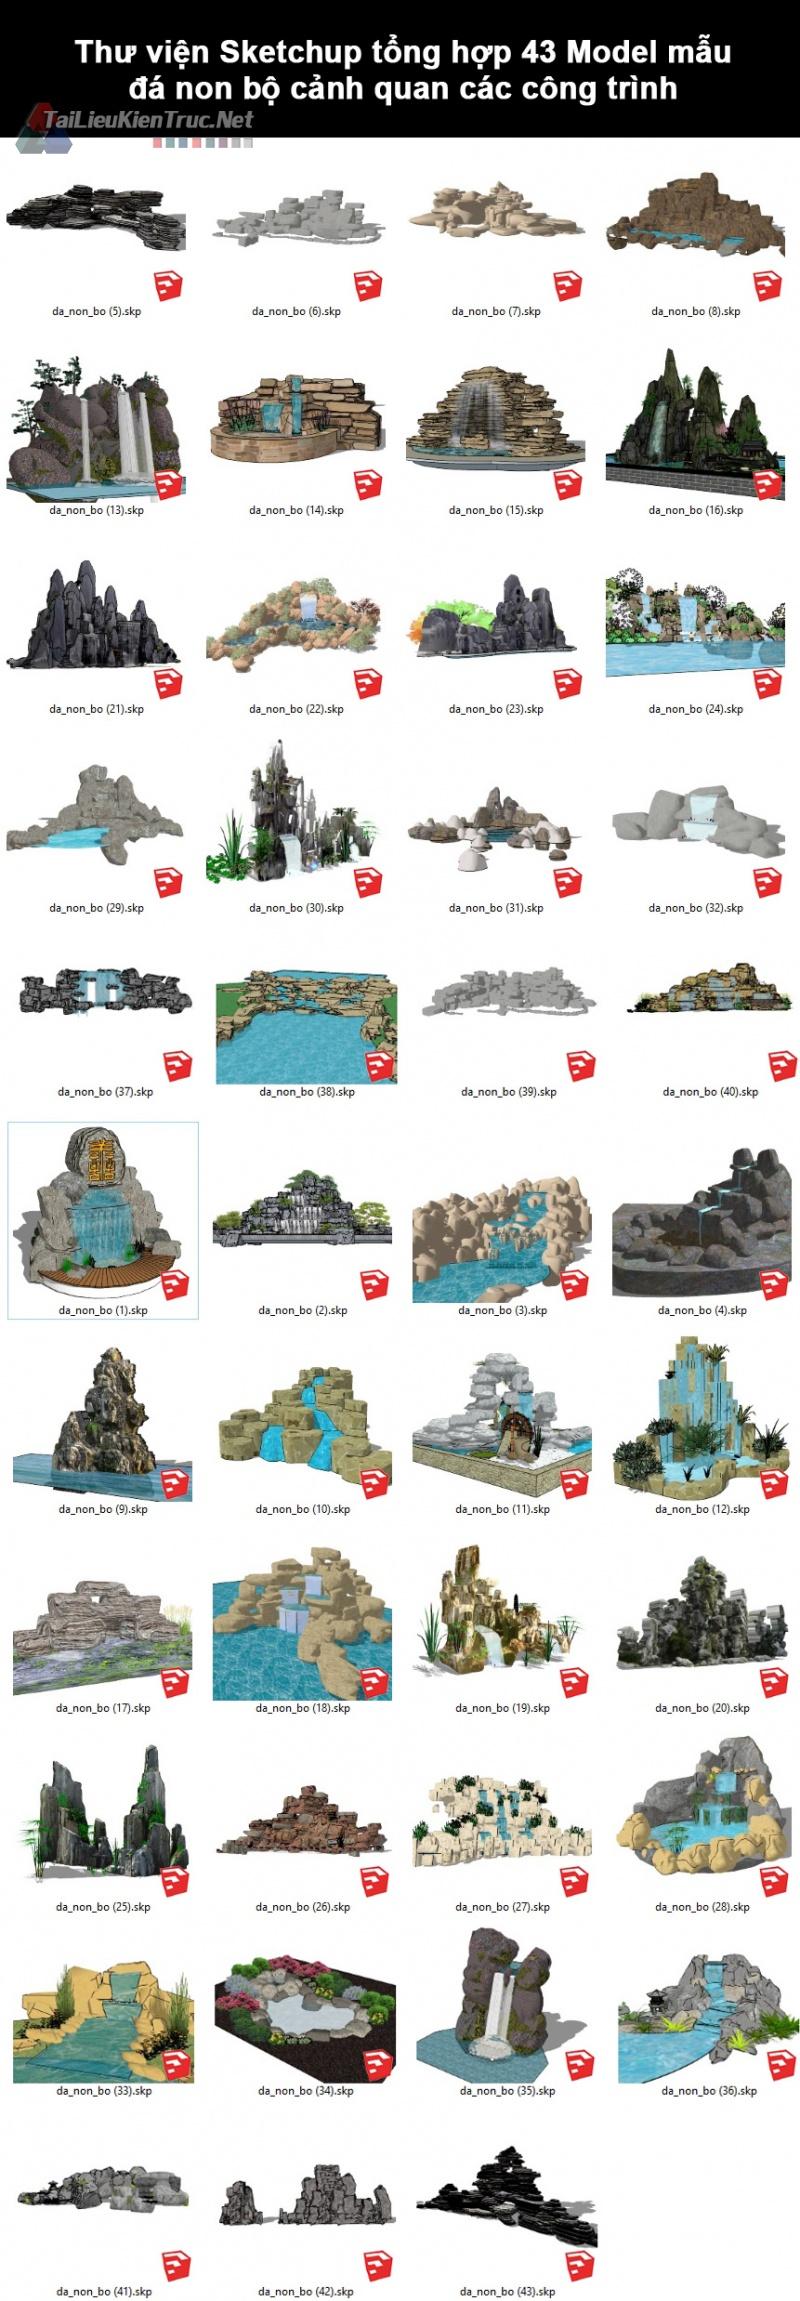 Thư viện Sketchup tổng hợp 43 Model mẫu đá non bộ cảnh quan các công trình